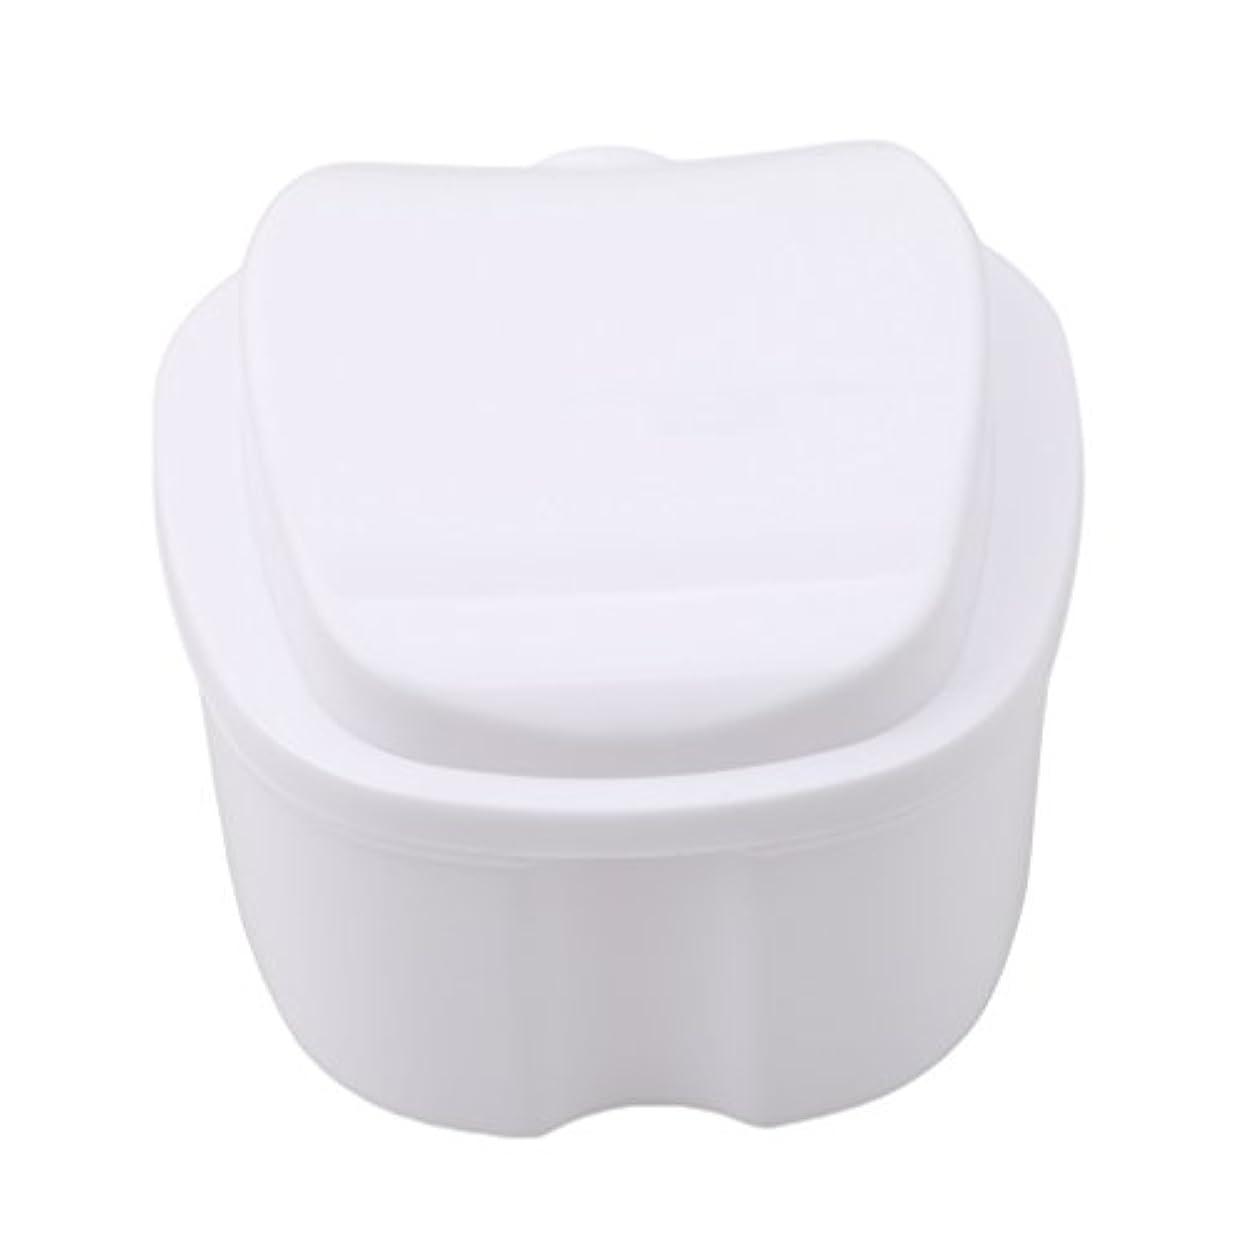 淡い換気する荒廃するHonel 収納ボックス 義歯収納用 リテーナーケース りんご柄 ホワイト